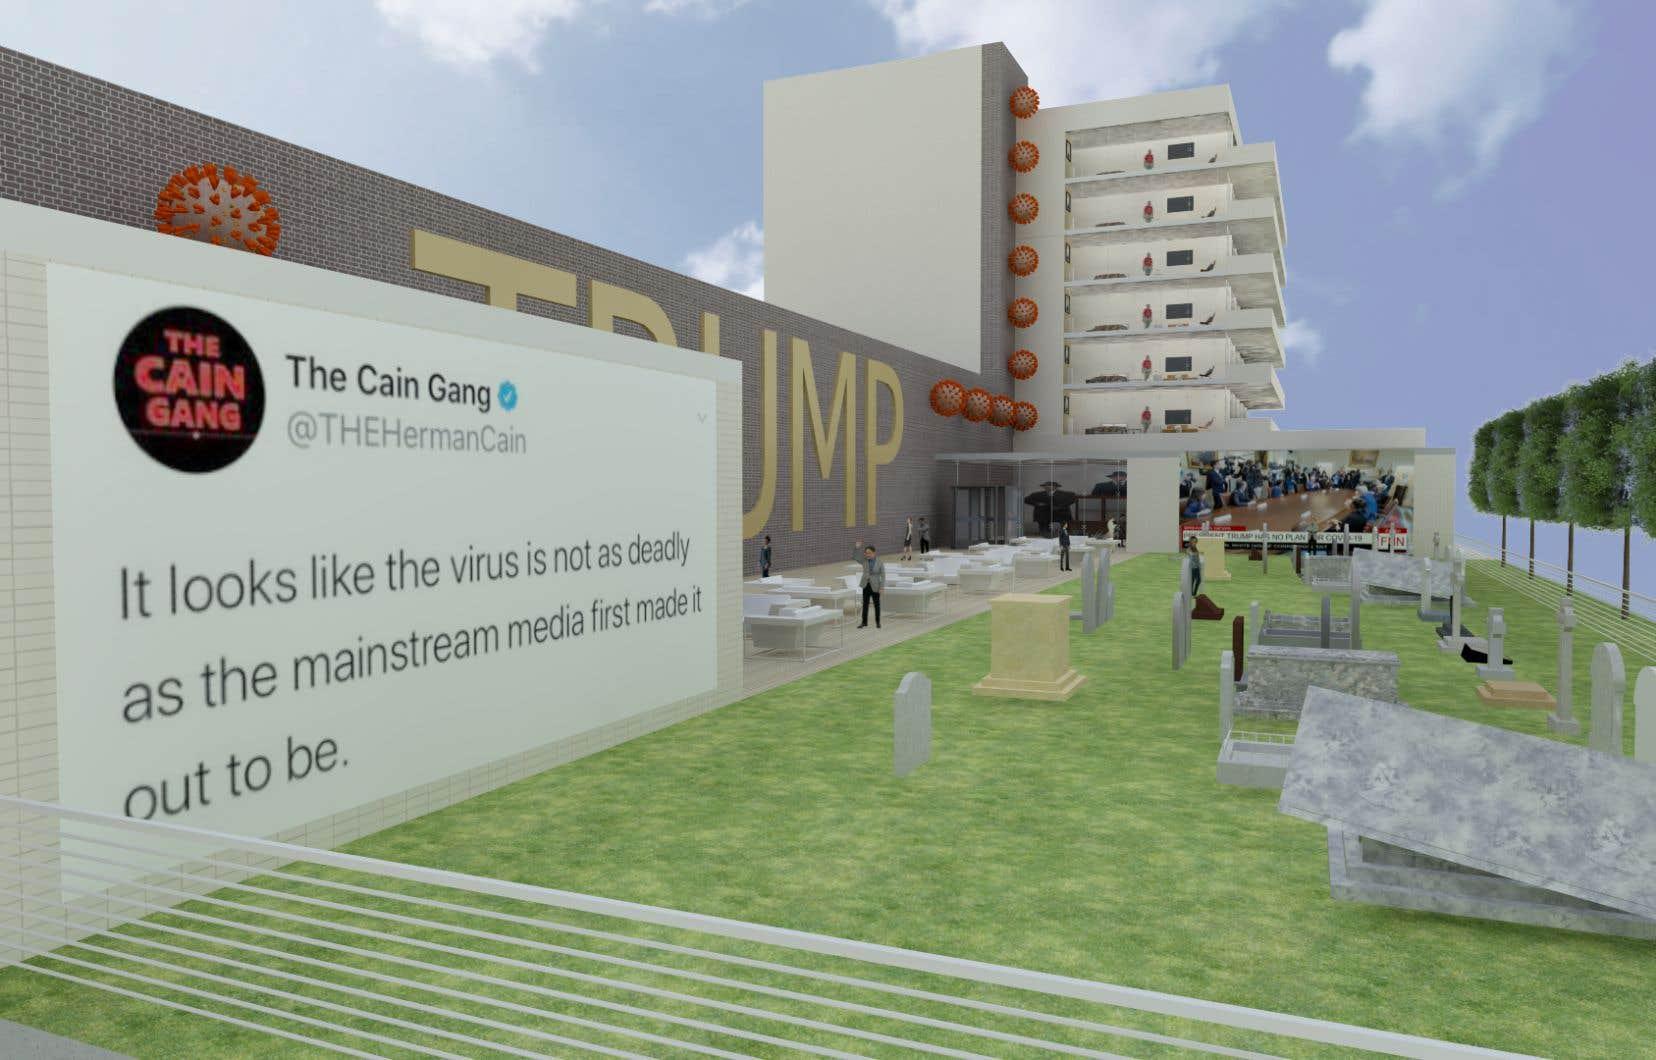 Le nom et l'image du magnat de l'immobilier sont placardés partout sur et dans la bibliothèque virtuelle, comme il a l'habitude de signer en lettres hollywoodiennes ses immeubles ou ses avions.